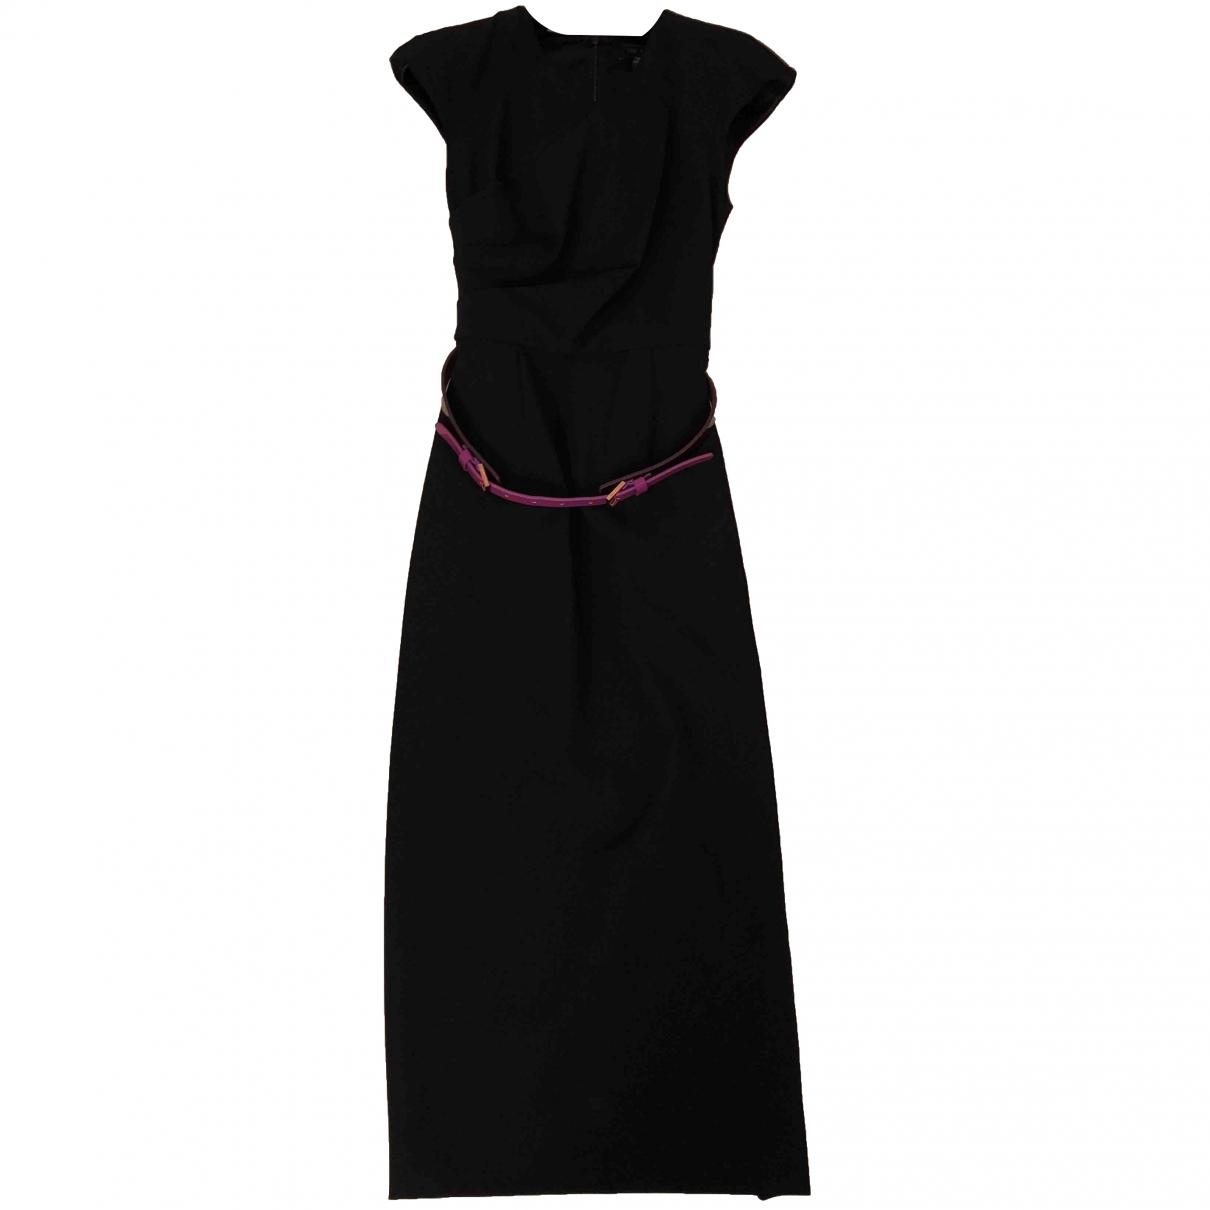 Ted Baker \N Black dress for Women XS International